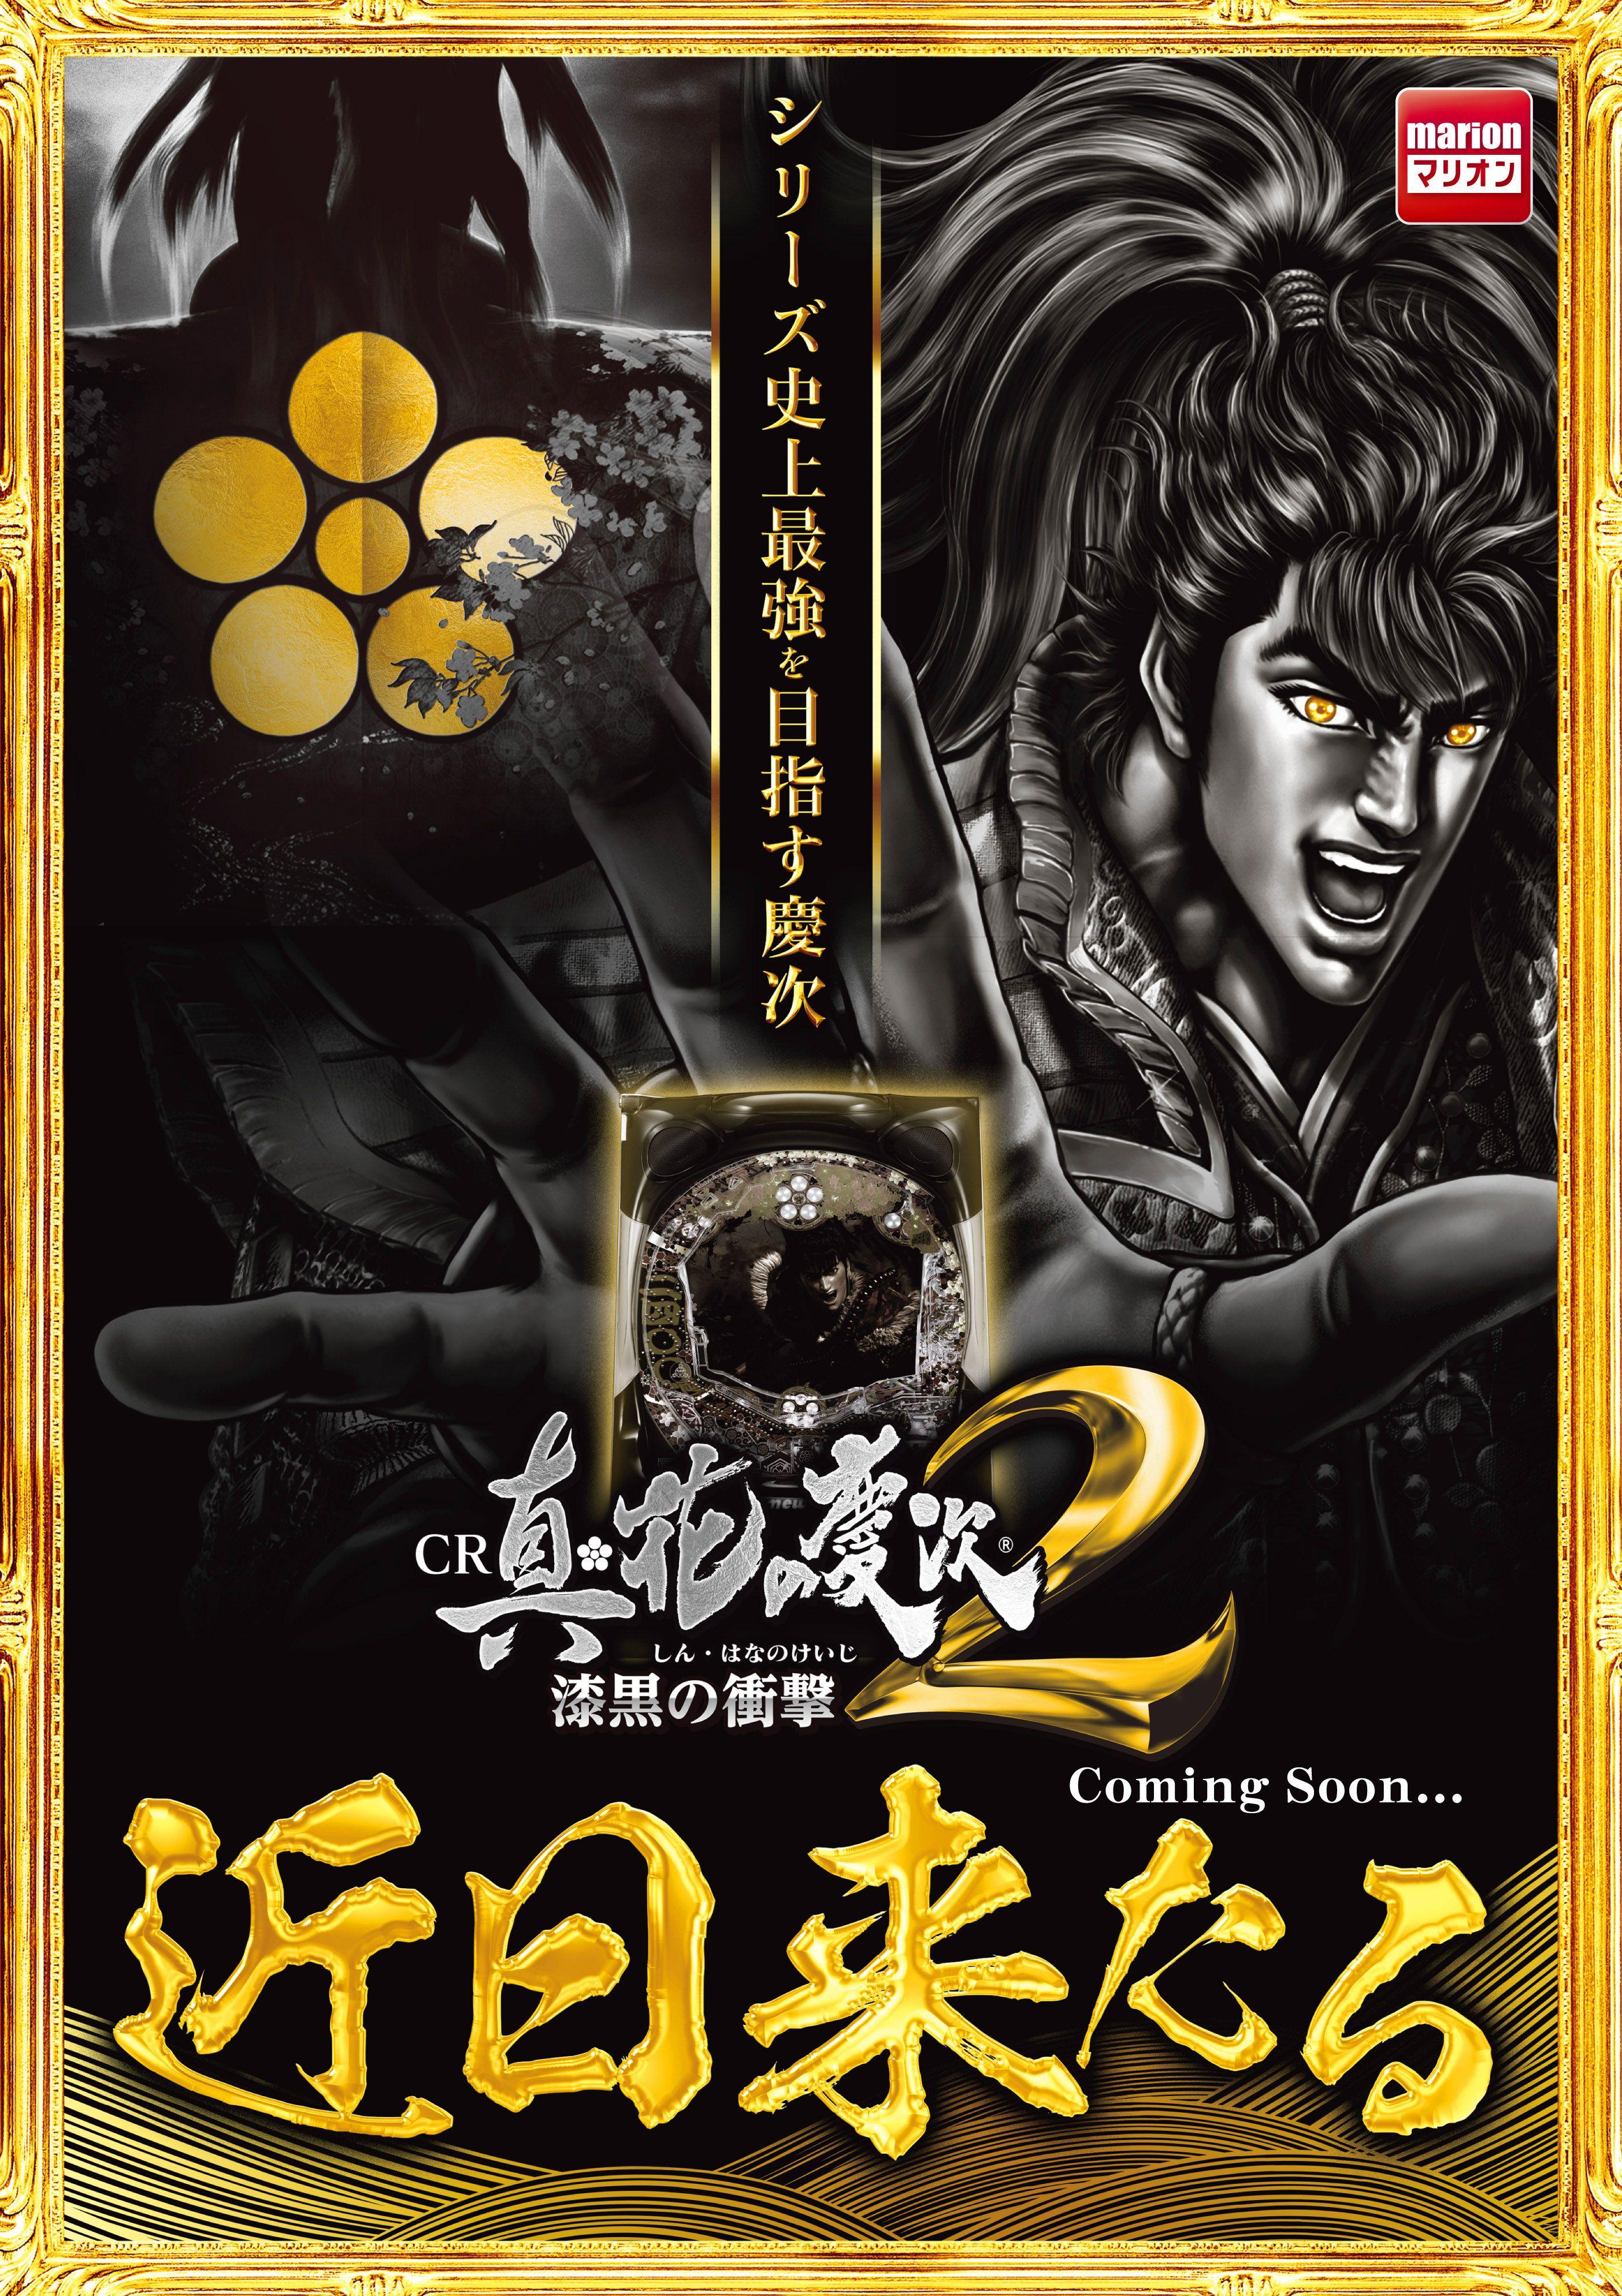 慶次 漆黒 CR真・花の慶次2 漆黒の衝撃